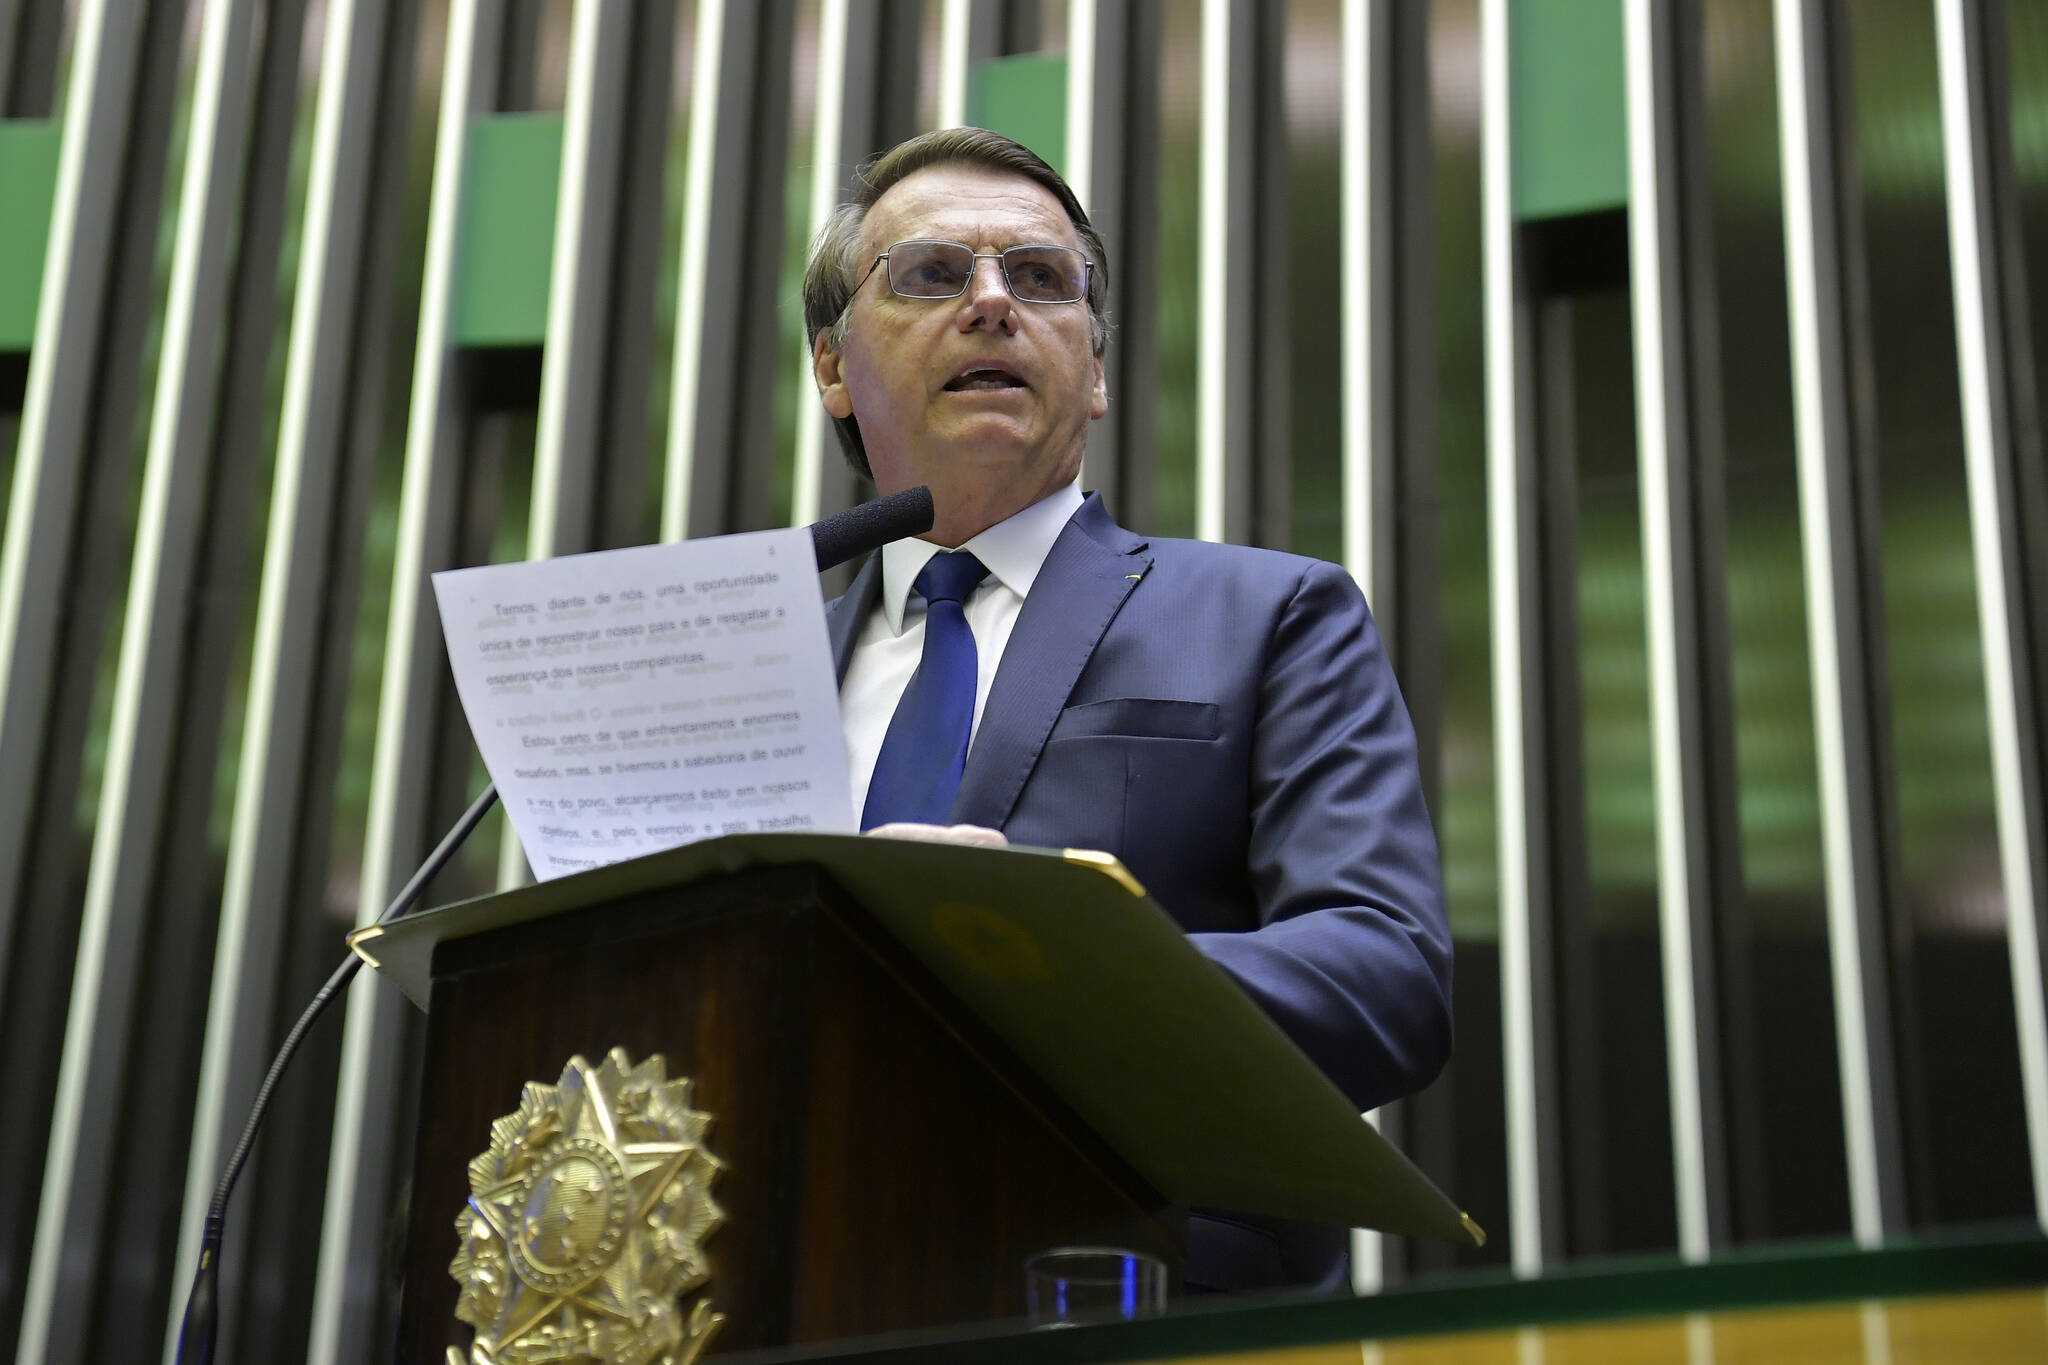 Jair Bolsonaro durante discurso na Câmara dos Deputados, primeira etapa da cerimônia de posse. Foto: Pedro França/Agência Senado - 1.1.19